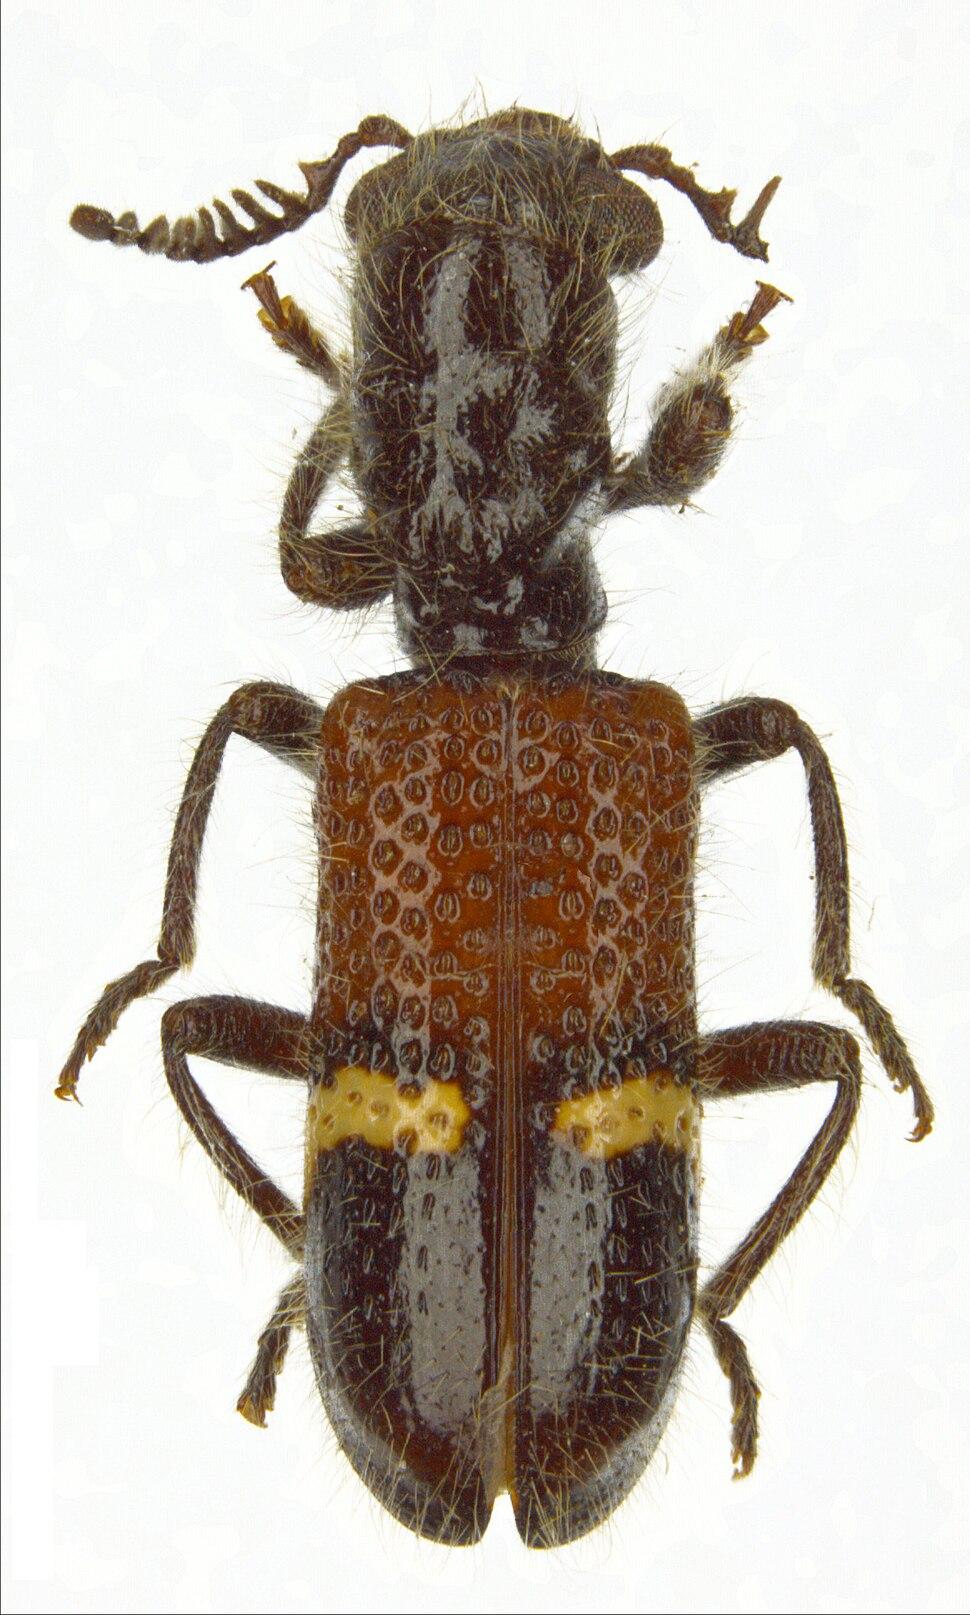 Diplocladus kuwerti